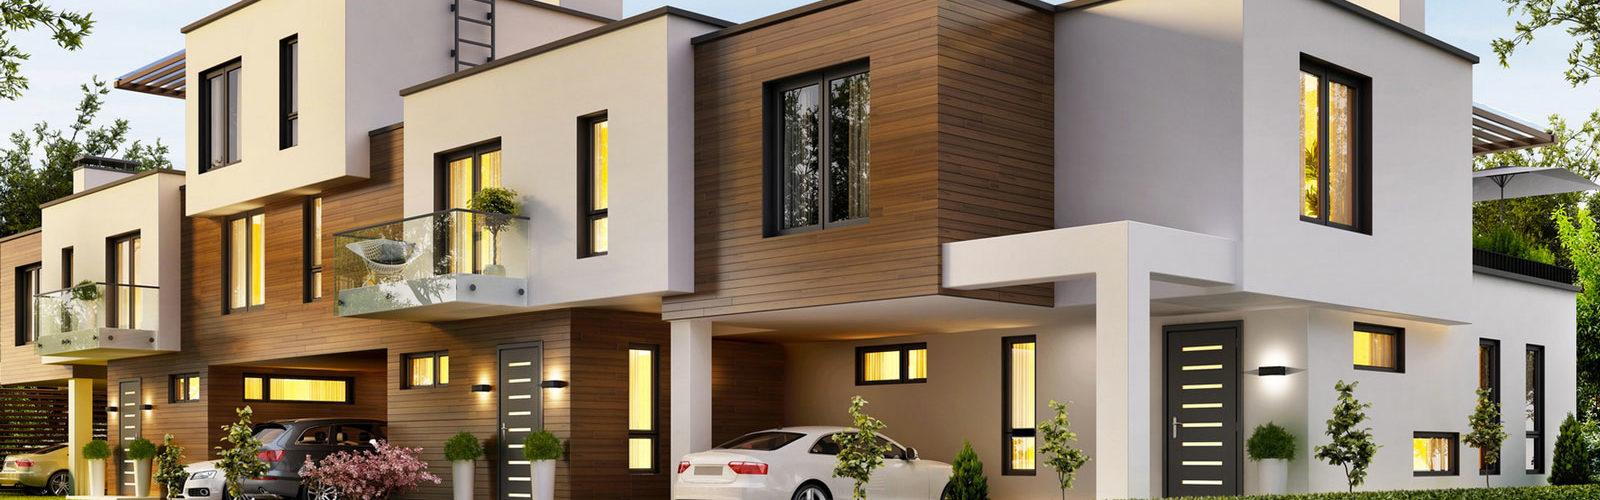 evalex-stucco-technology-construction-renovation-enduit-chaux-une